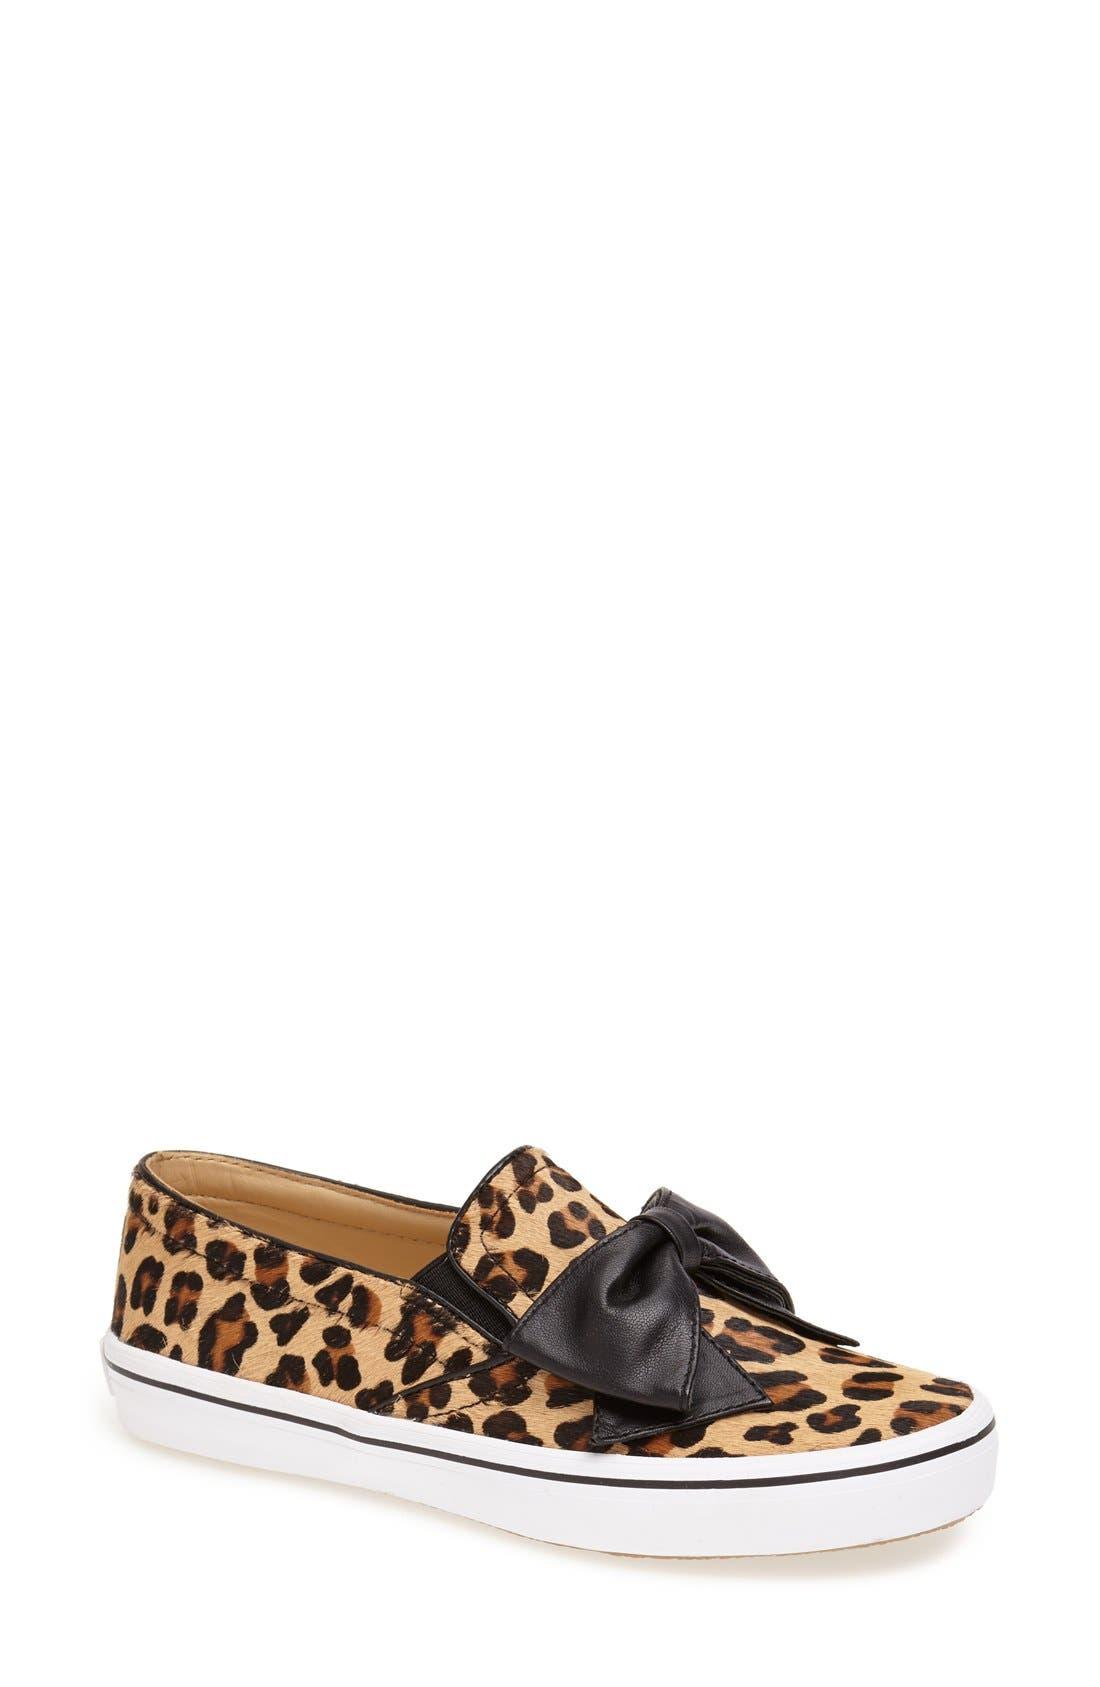 Main Image - kate spade new york 'delise' slip-on sneaker (Women)